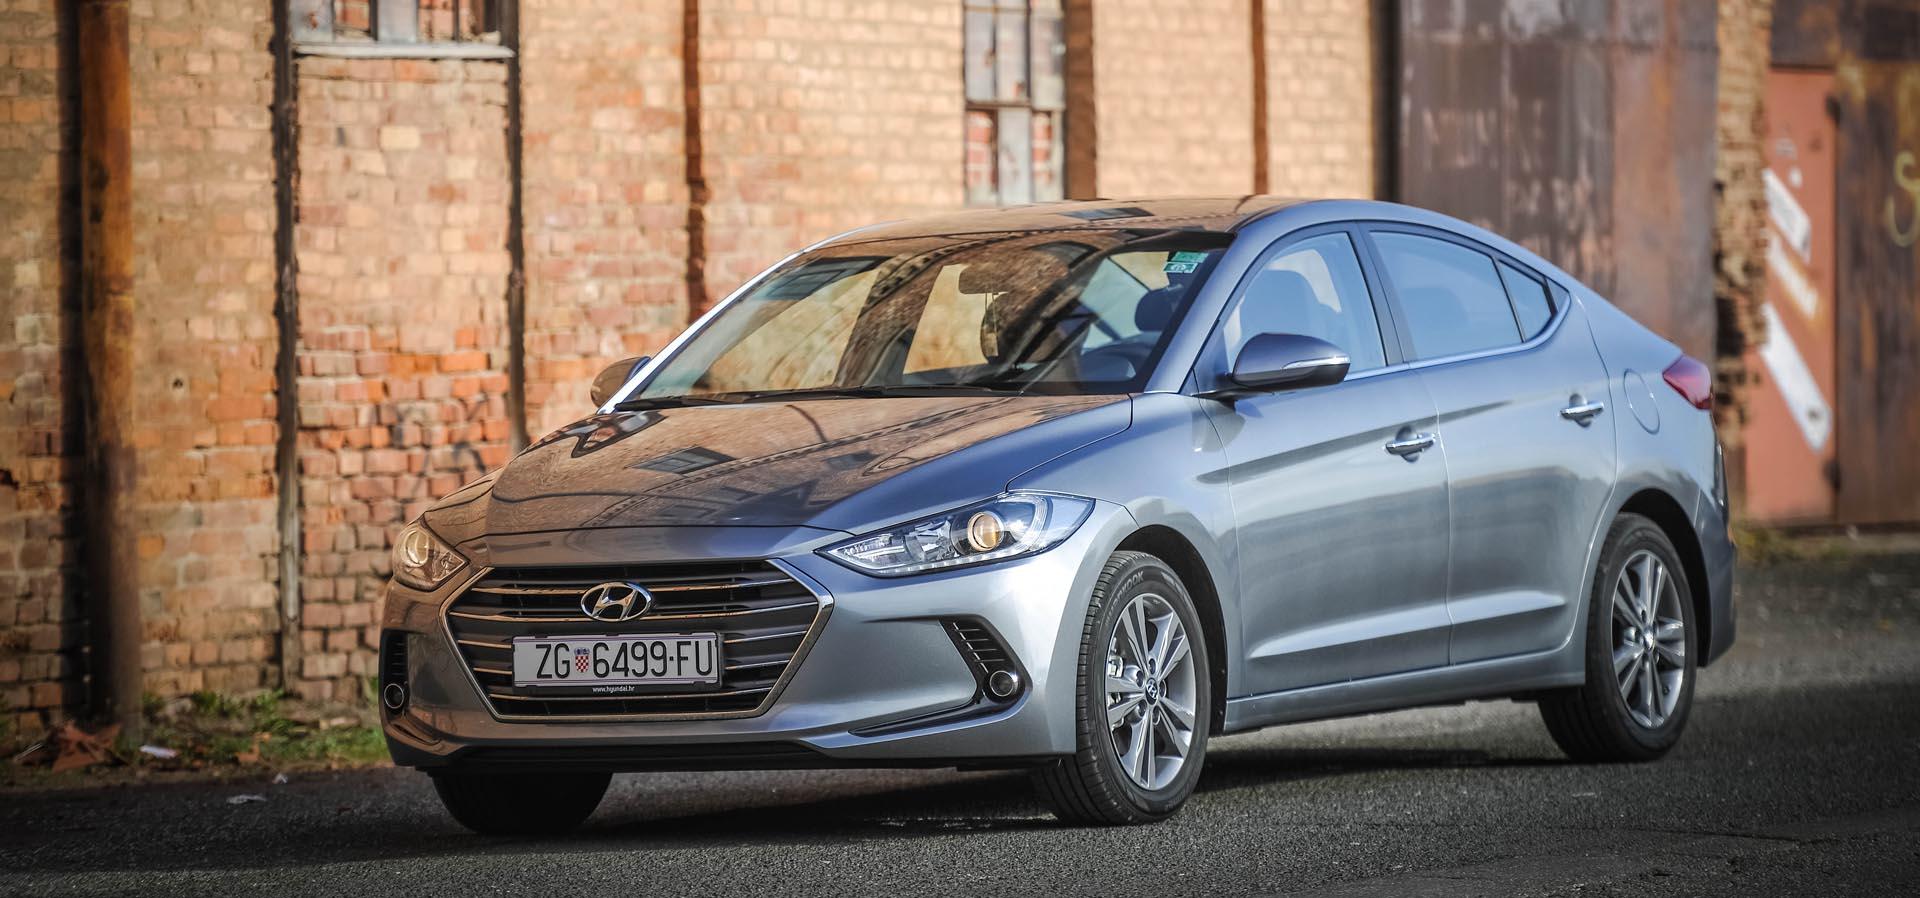 TEST: Hyundai Elantra 1.6 CRDi Premium